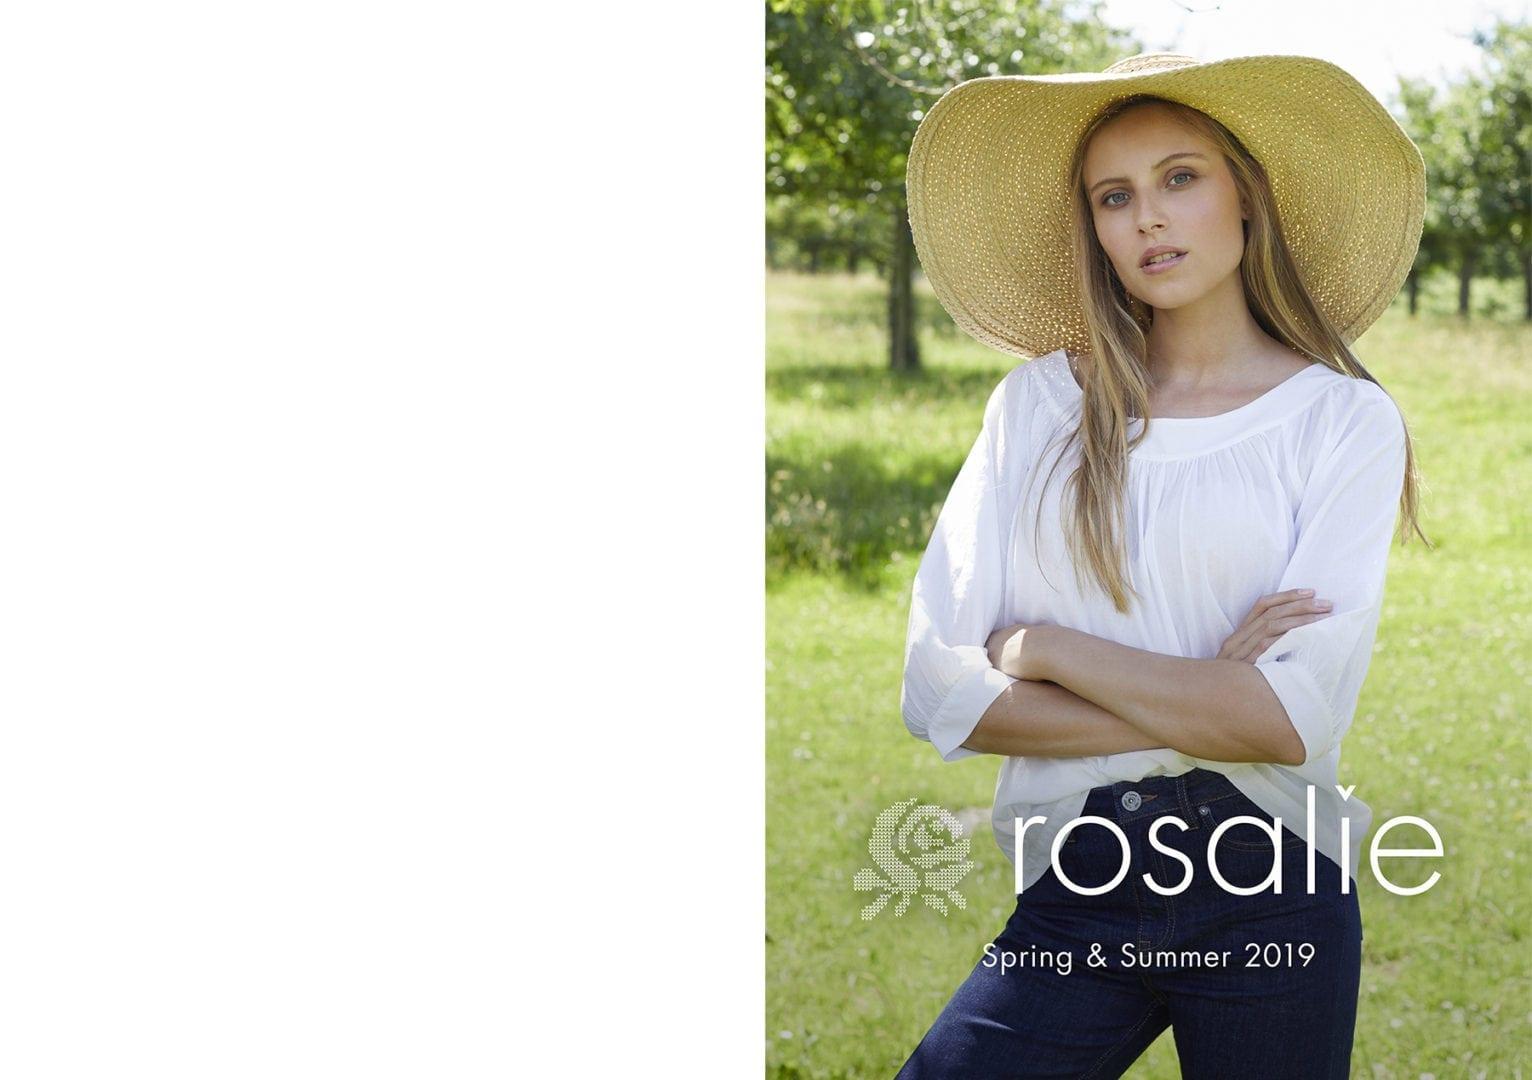 ROSALIE_SS_2019_195x275mm_11hr-1